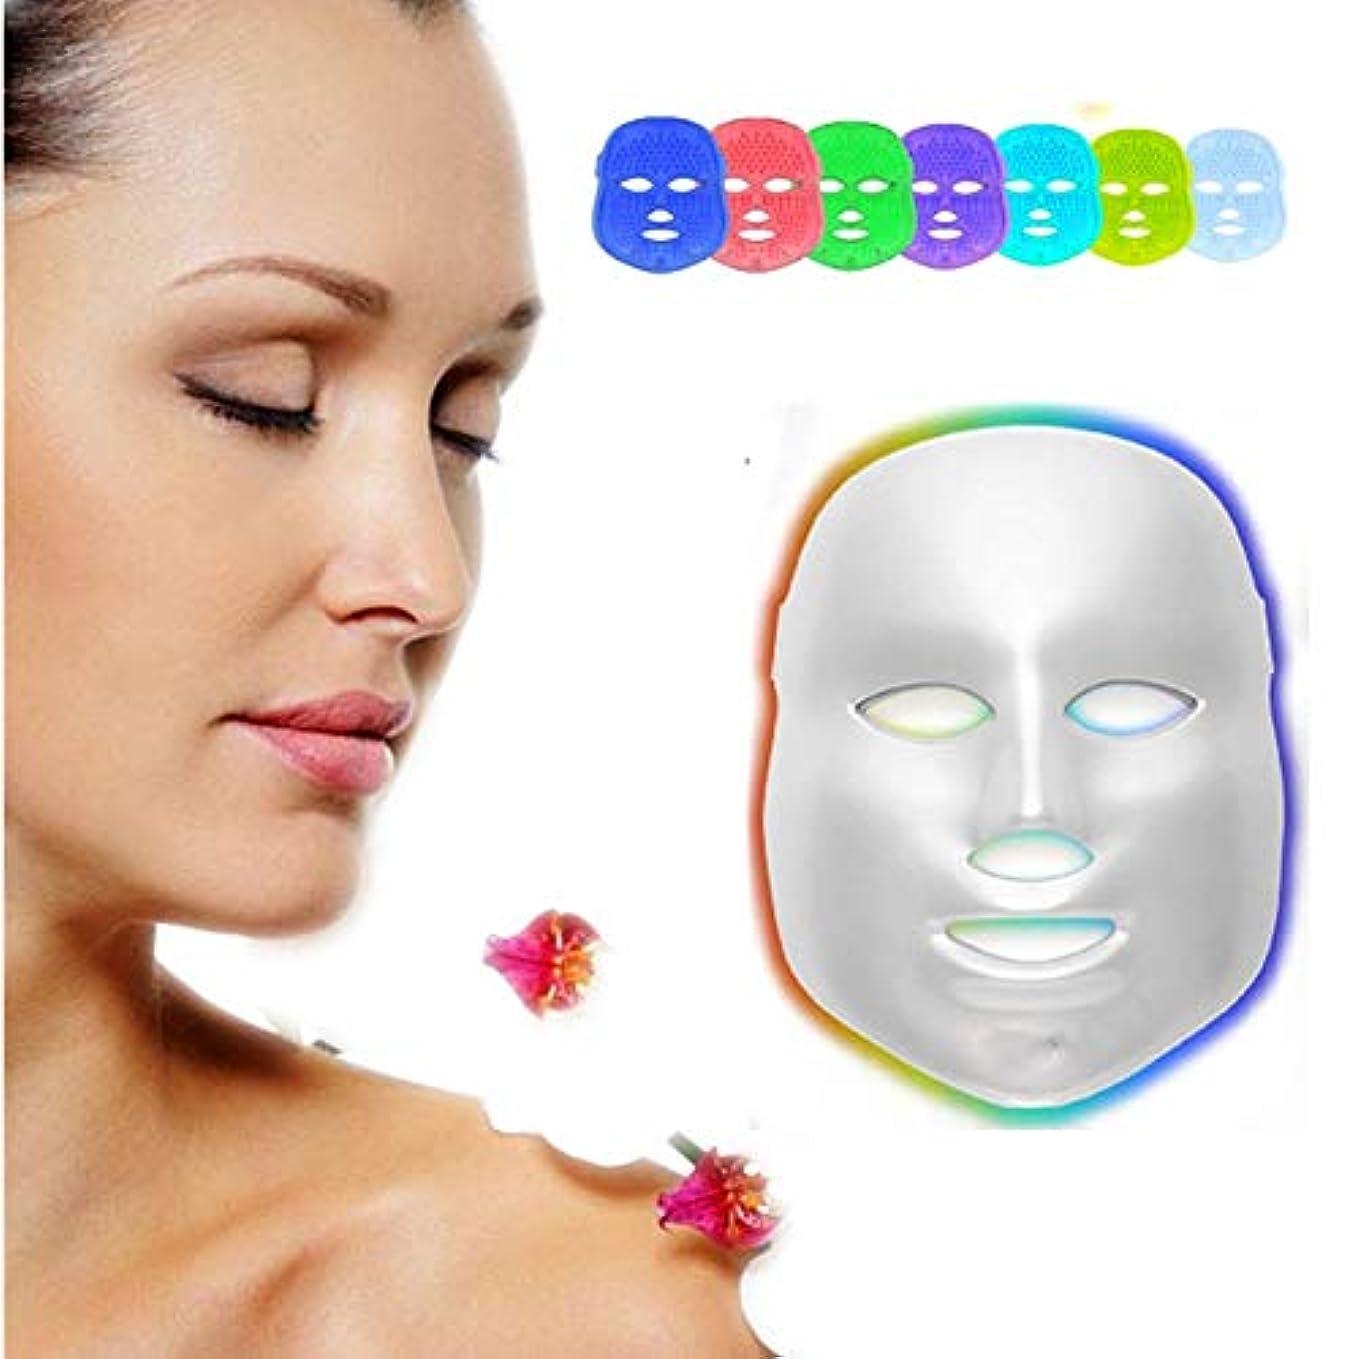 うまくやる()マークされた出くわすLEDPhōton療法7色光治療マスク美容機器肌の若返りタイトにきびスポット分解メラニンしわホワイトニングフェイシャル